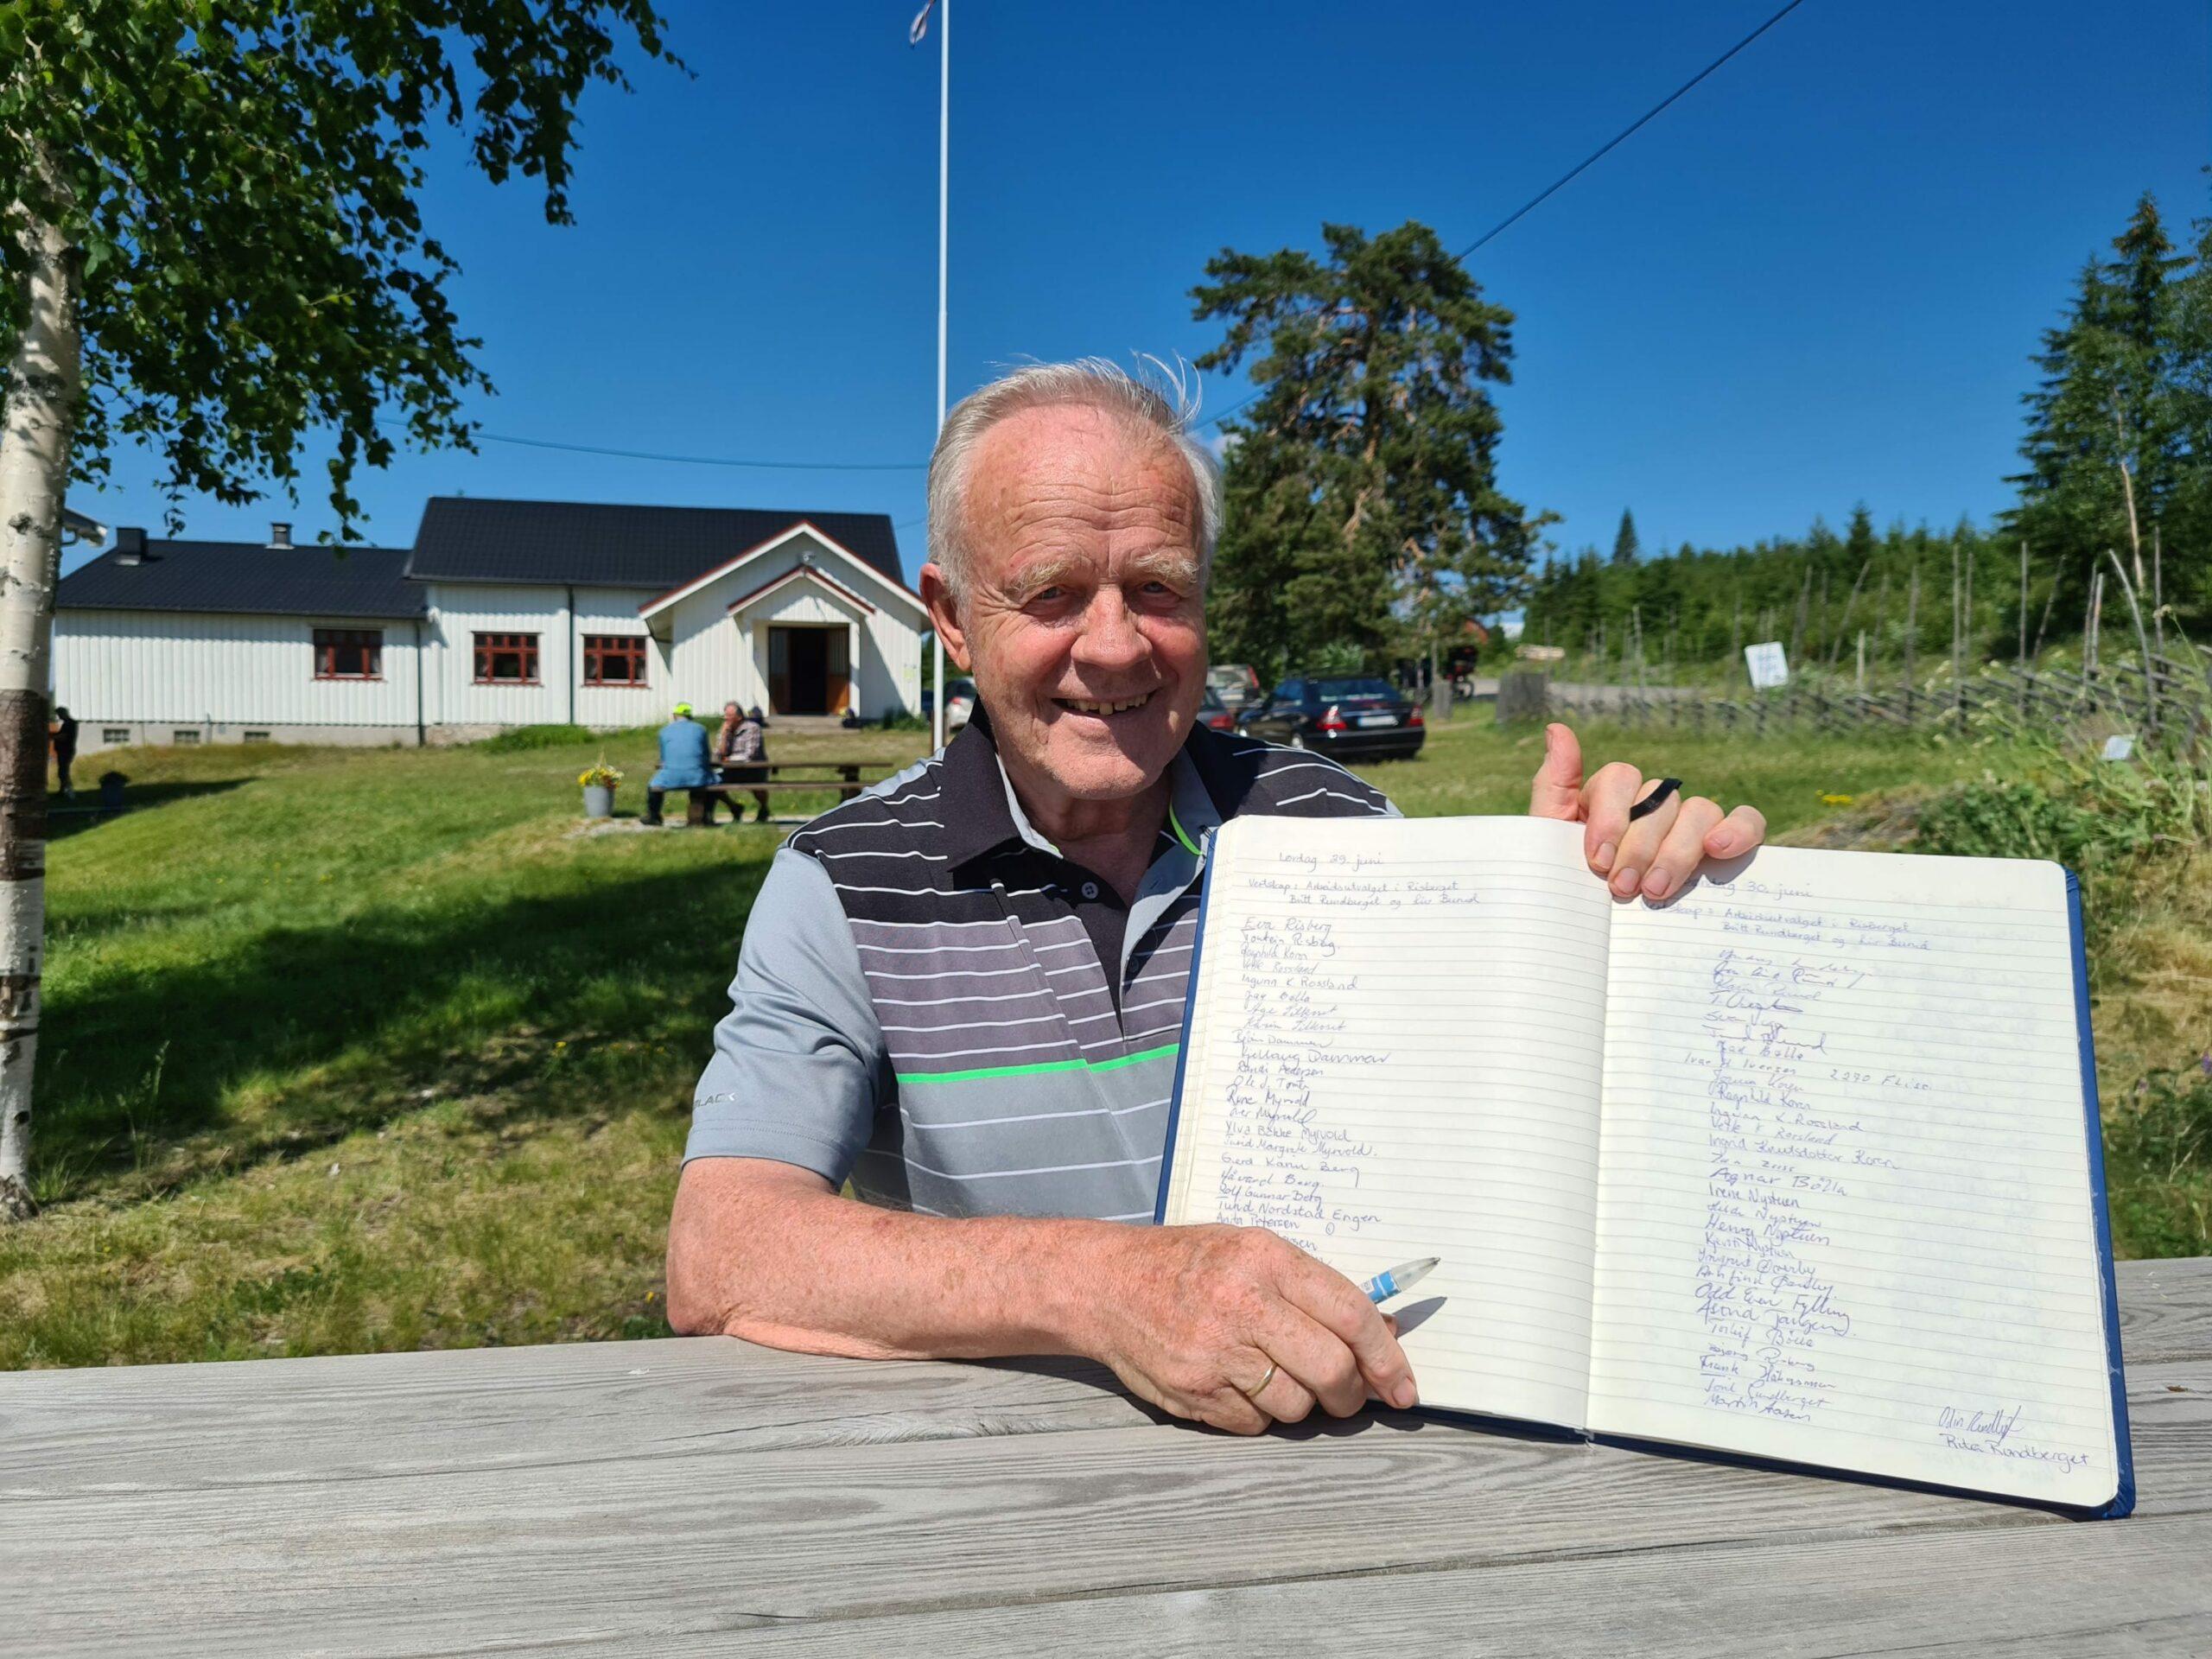 HENTER UNDERSKRIFTER: Alle som besøker sommerkafeen i Risberget må skrive seg inn i gjesteboka. Torleif Bølla sørger for at ingen «slipper unna». Sommerkafeen er åpen hver lørdag og søndag gjennom hele skoleferien.